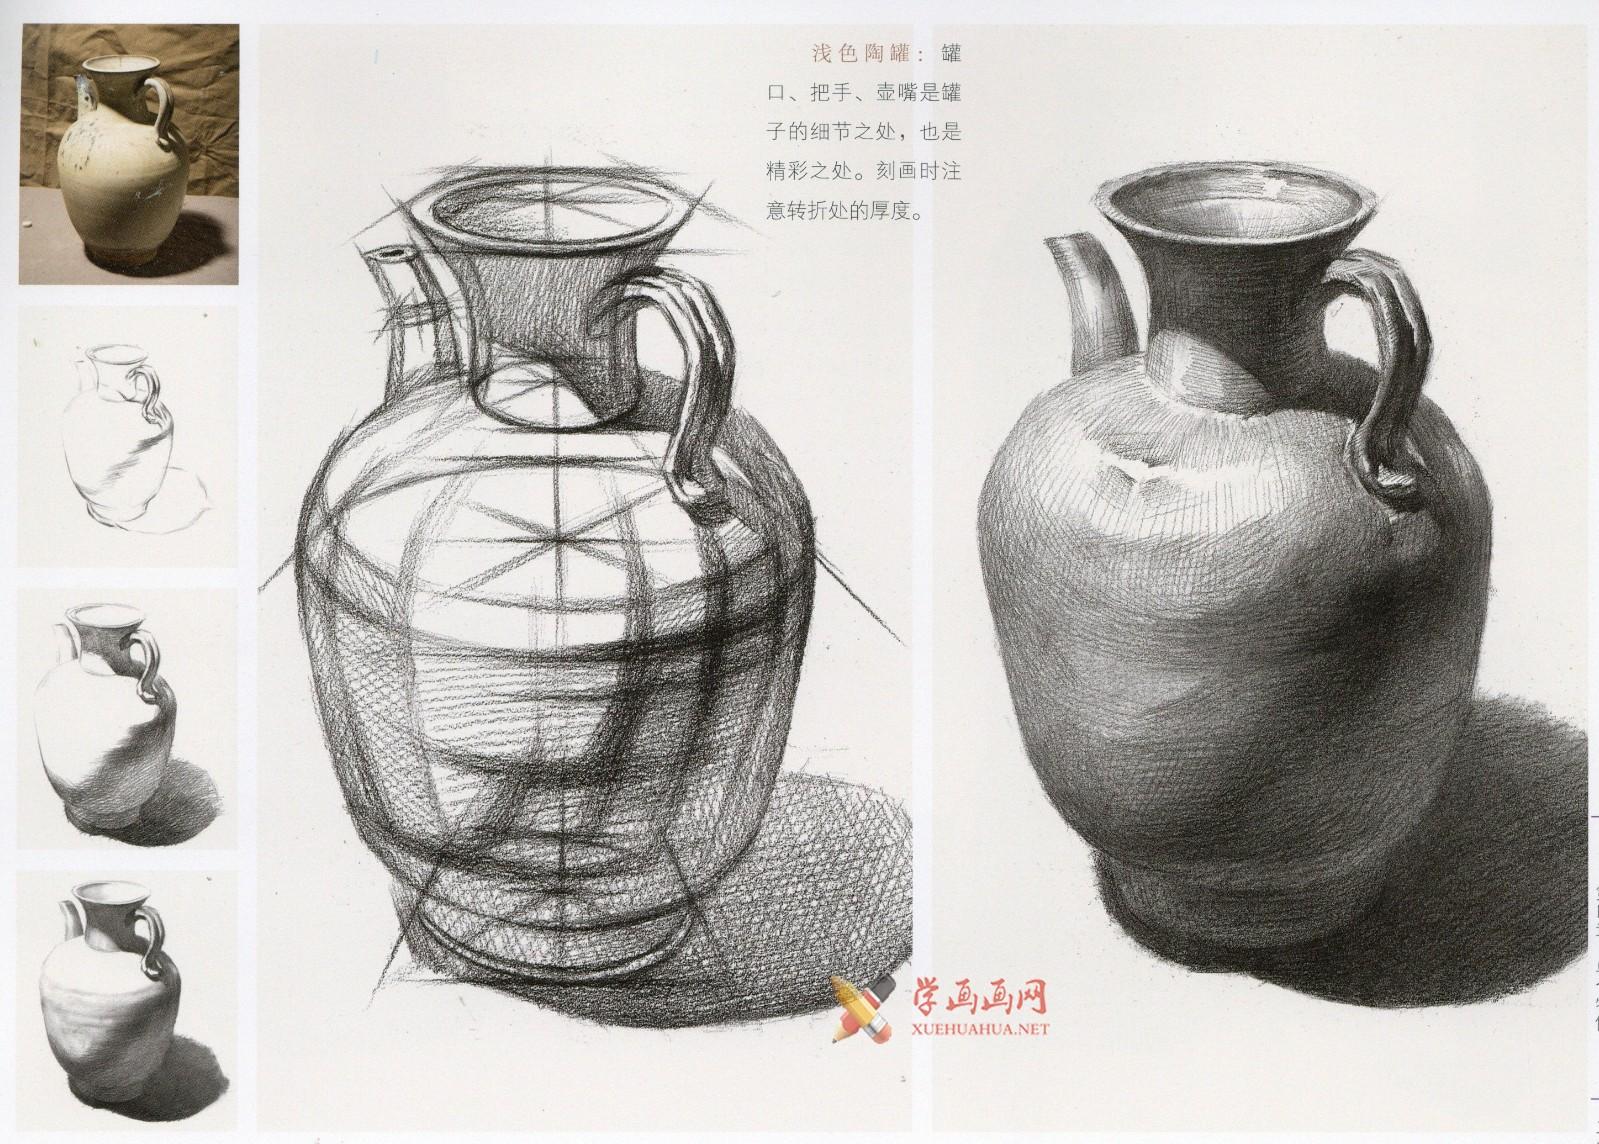 素描陶罐、陶瓷类静物画法图解及临摹范画图片(1)